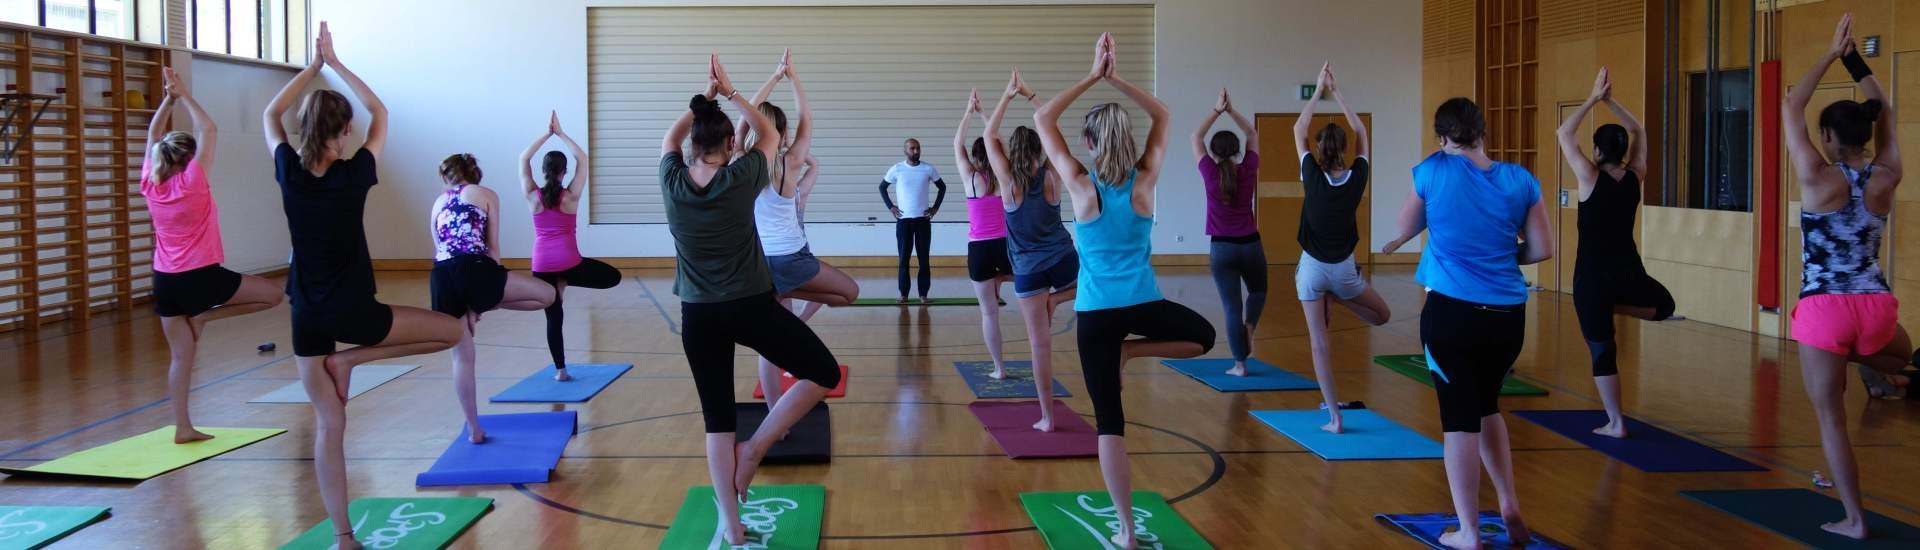 DSC08998 - Yoga Retreat Österreich